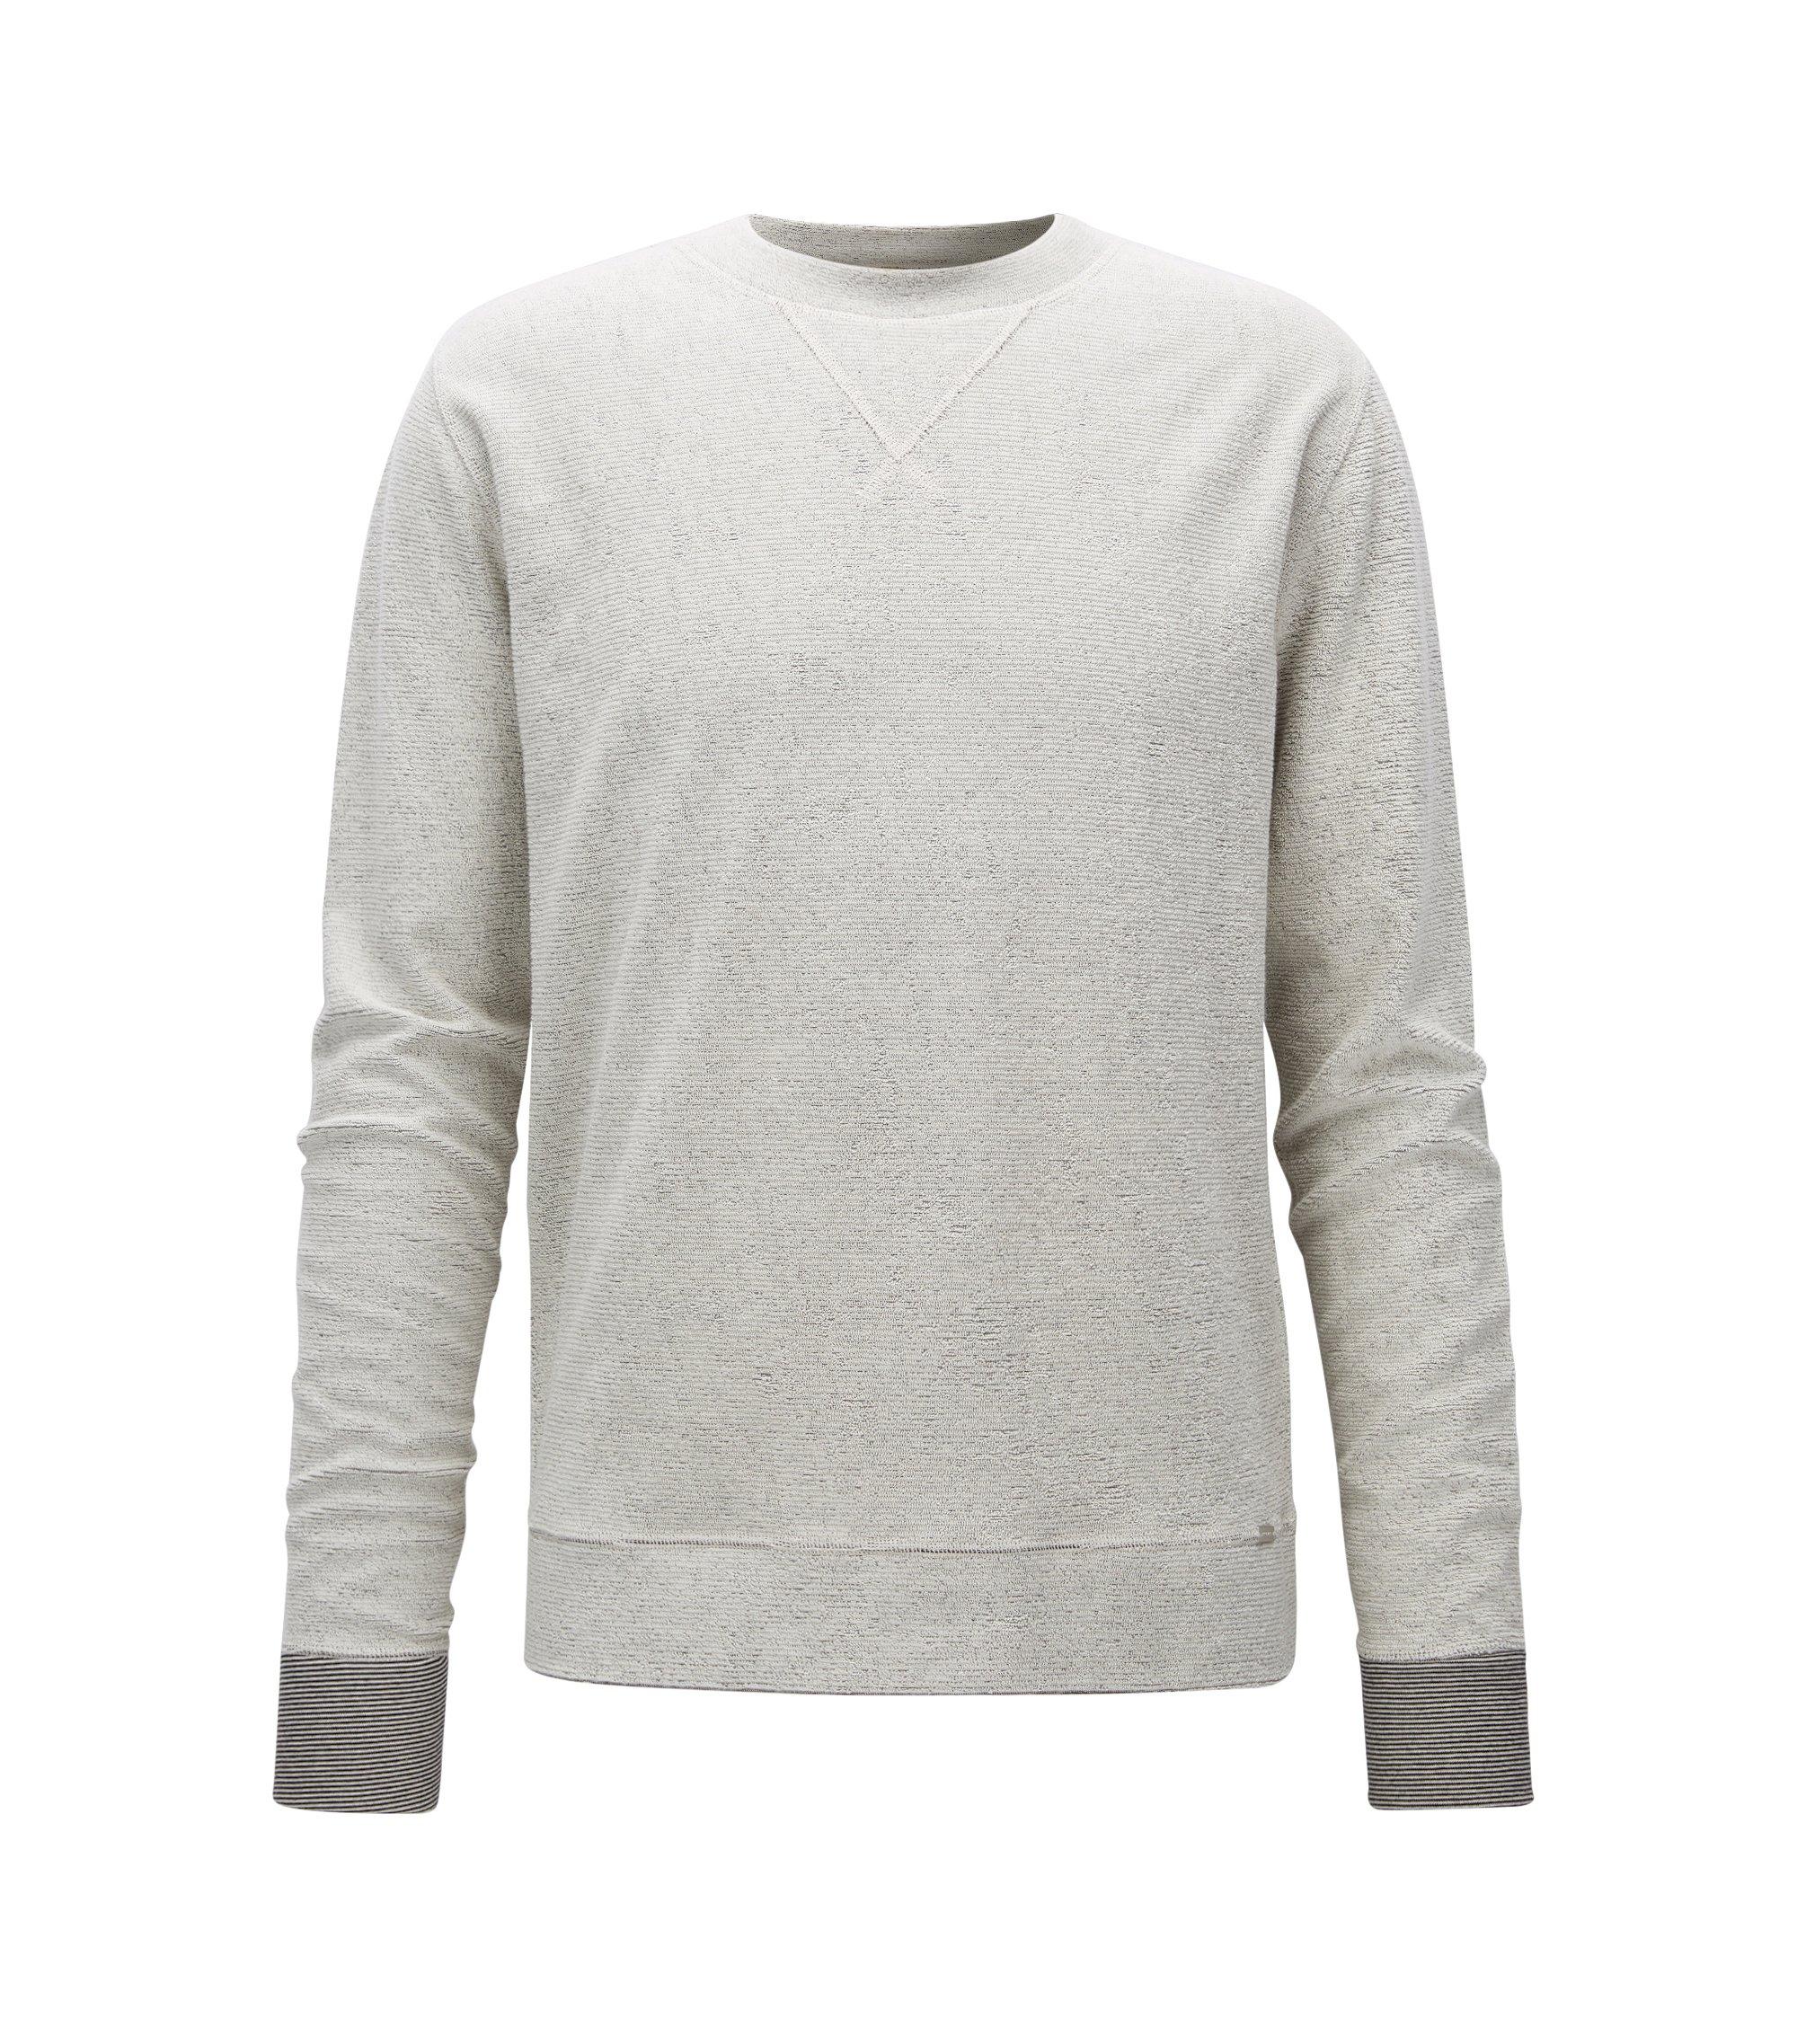 Sweat Relaxed Fit réversible en coton, Blanc